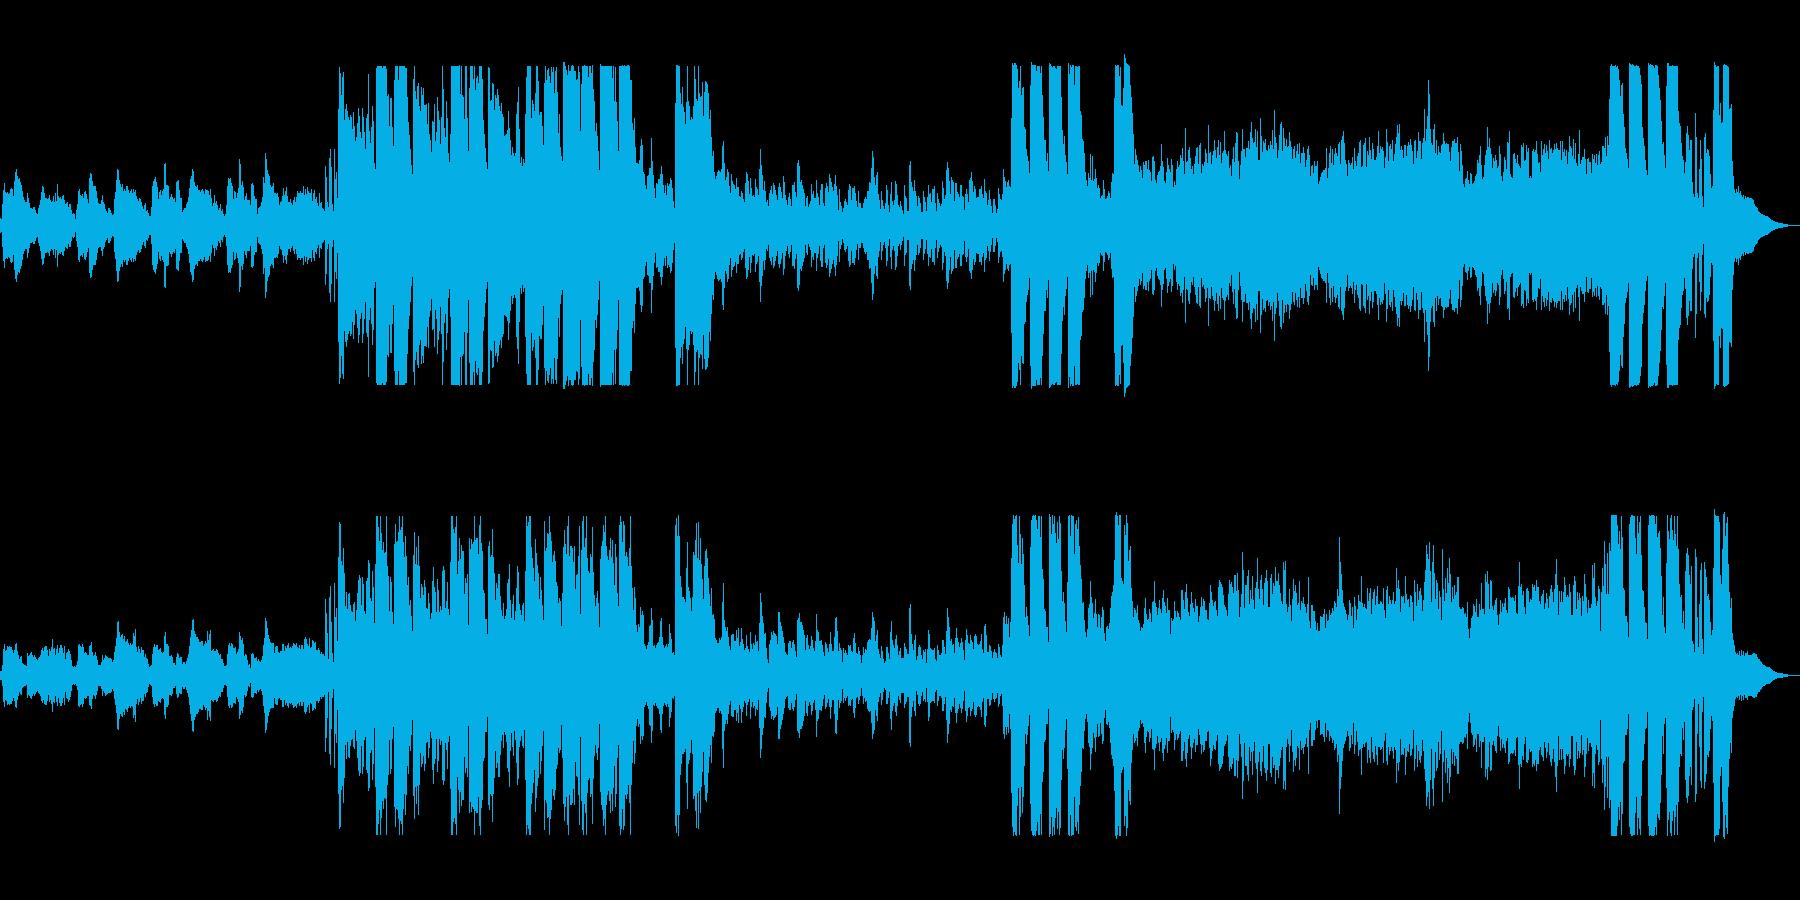 奇妙で不思議なハロウィン風オーケストラの再生済みの波形